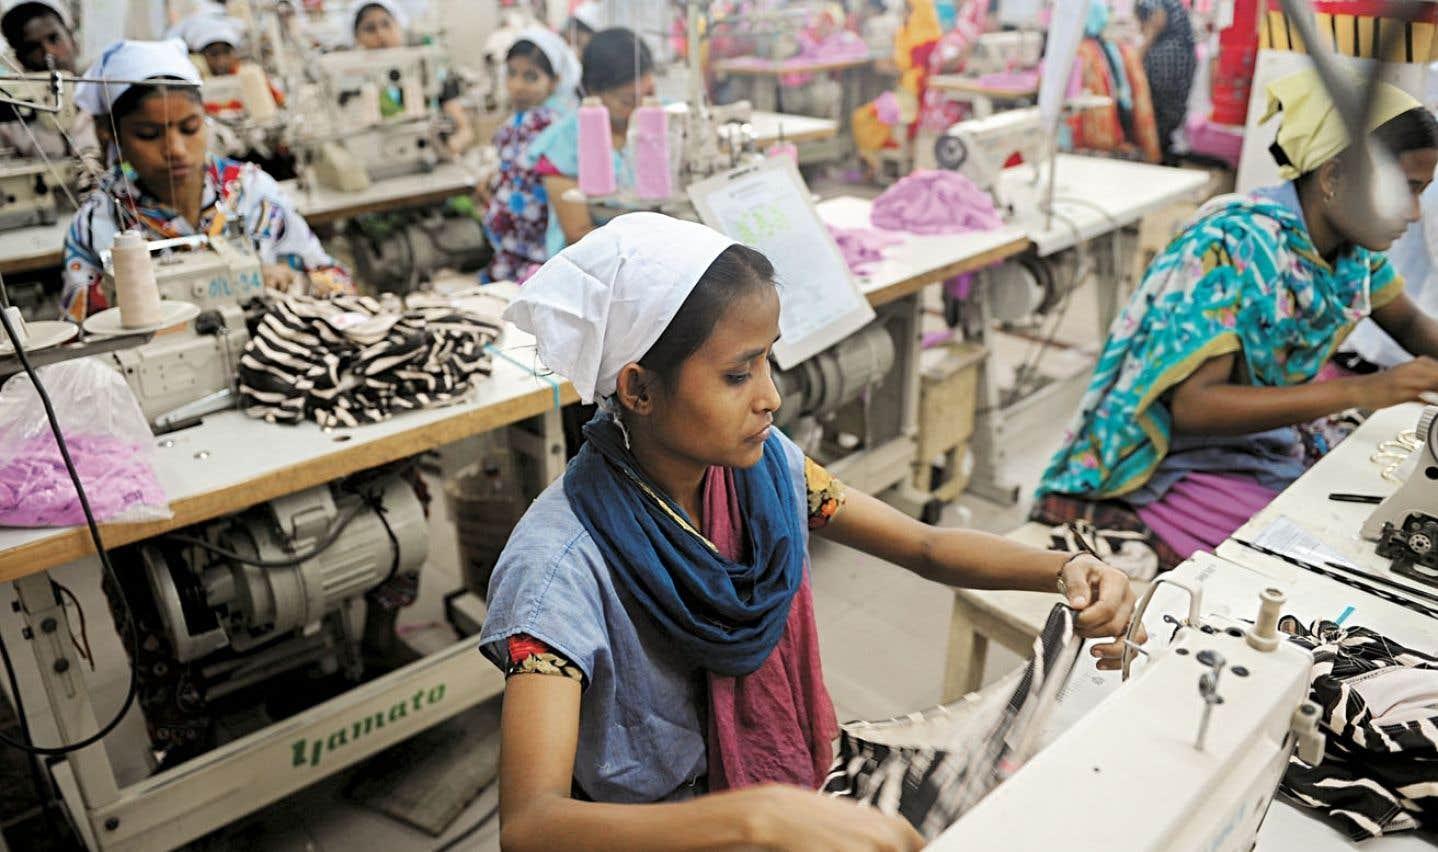 Collier de misère, la mondialisation à la chaîne